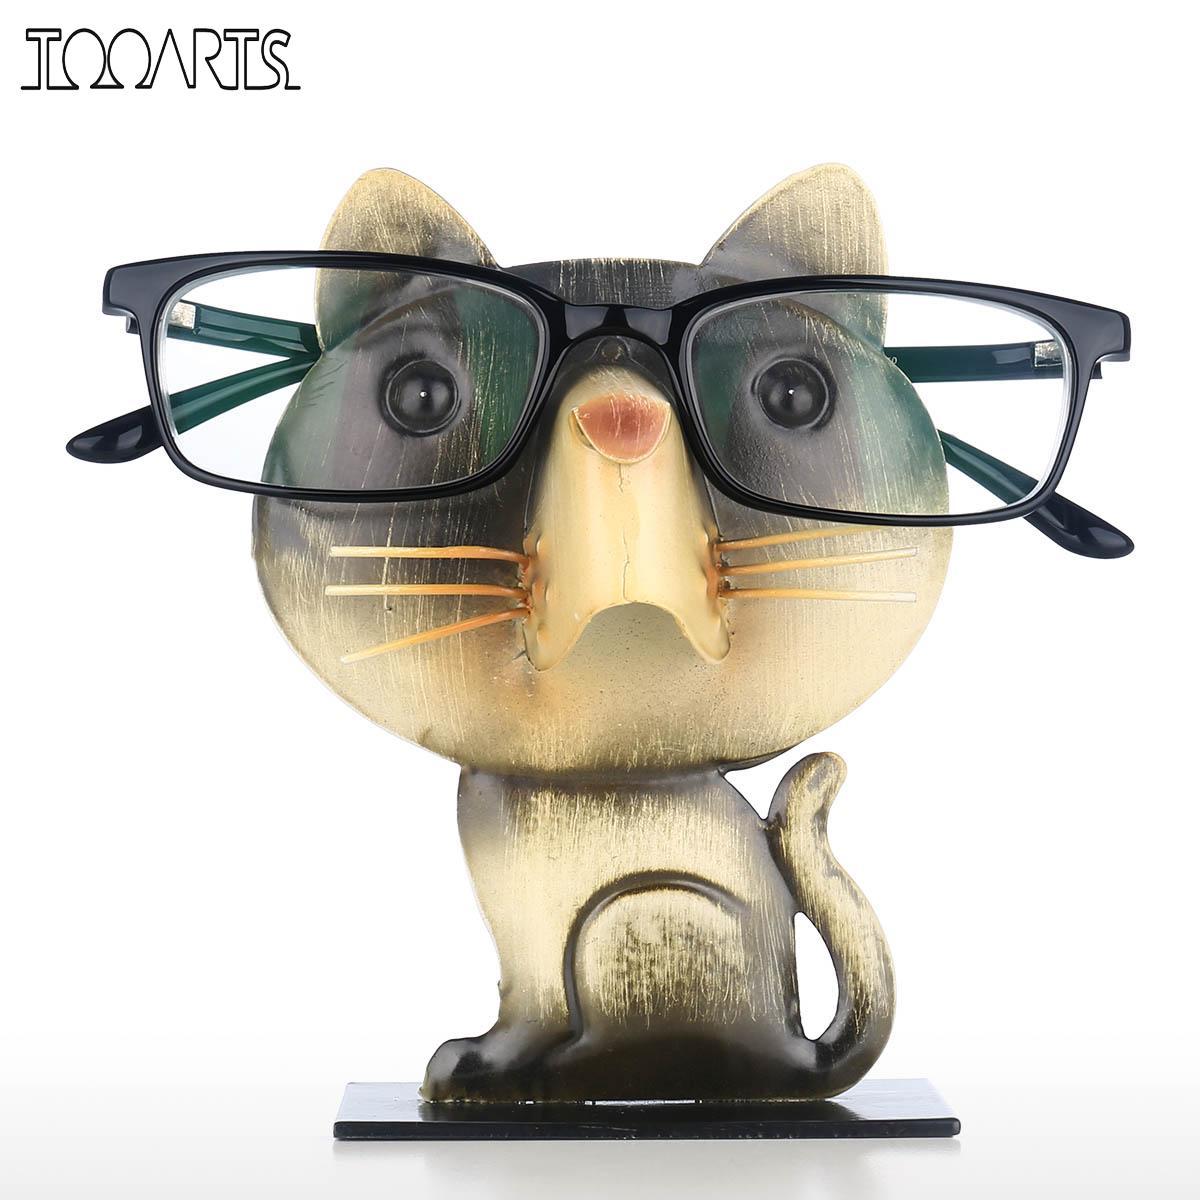 Статуэтка животного в форме кота стойка для очков очки держатель для очков в форме животного демонстрационная подставка для очков винтажный домашний декор